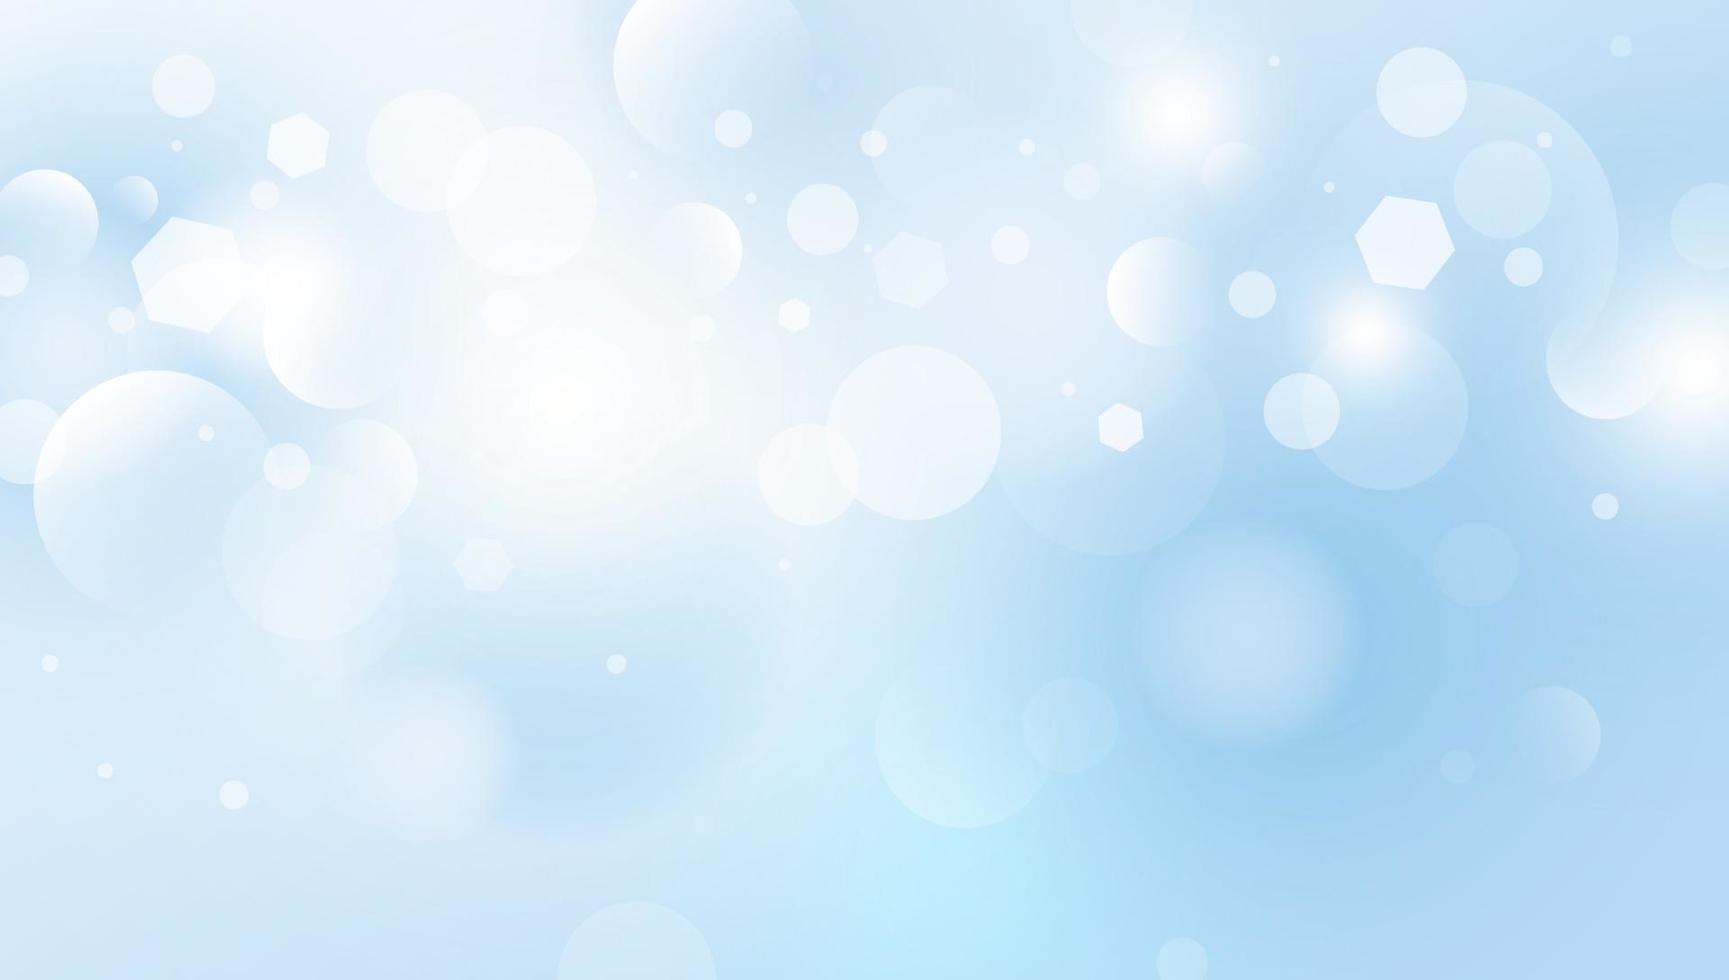 abstrakte Bokeh beleuchtet Hintergrundvektorillustration vektor